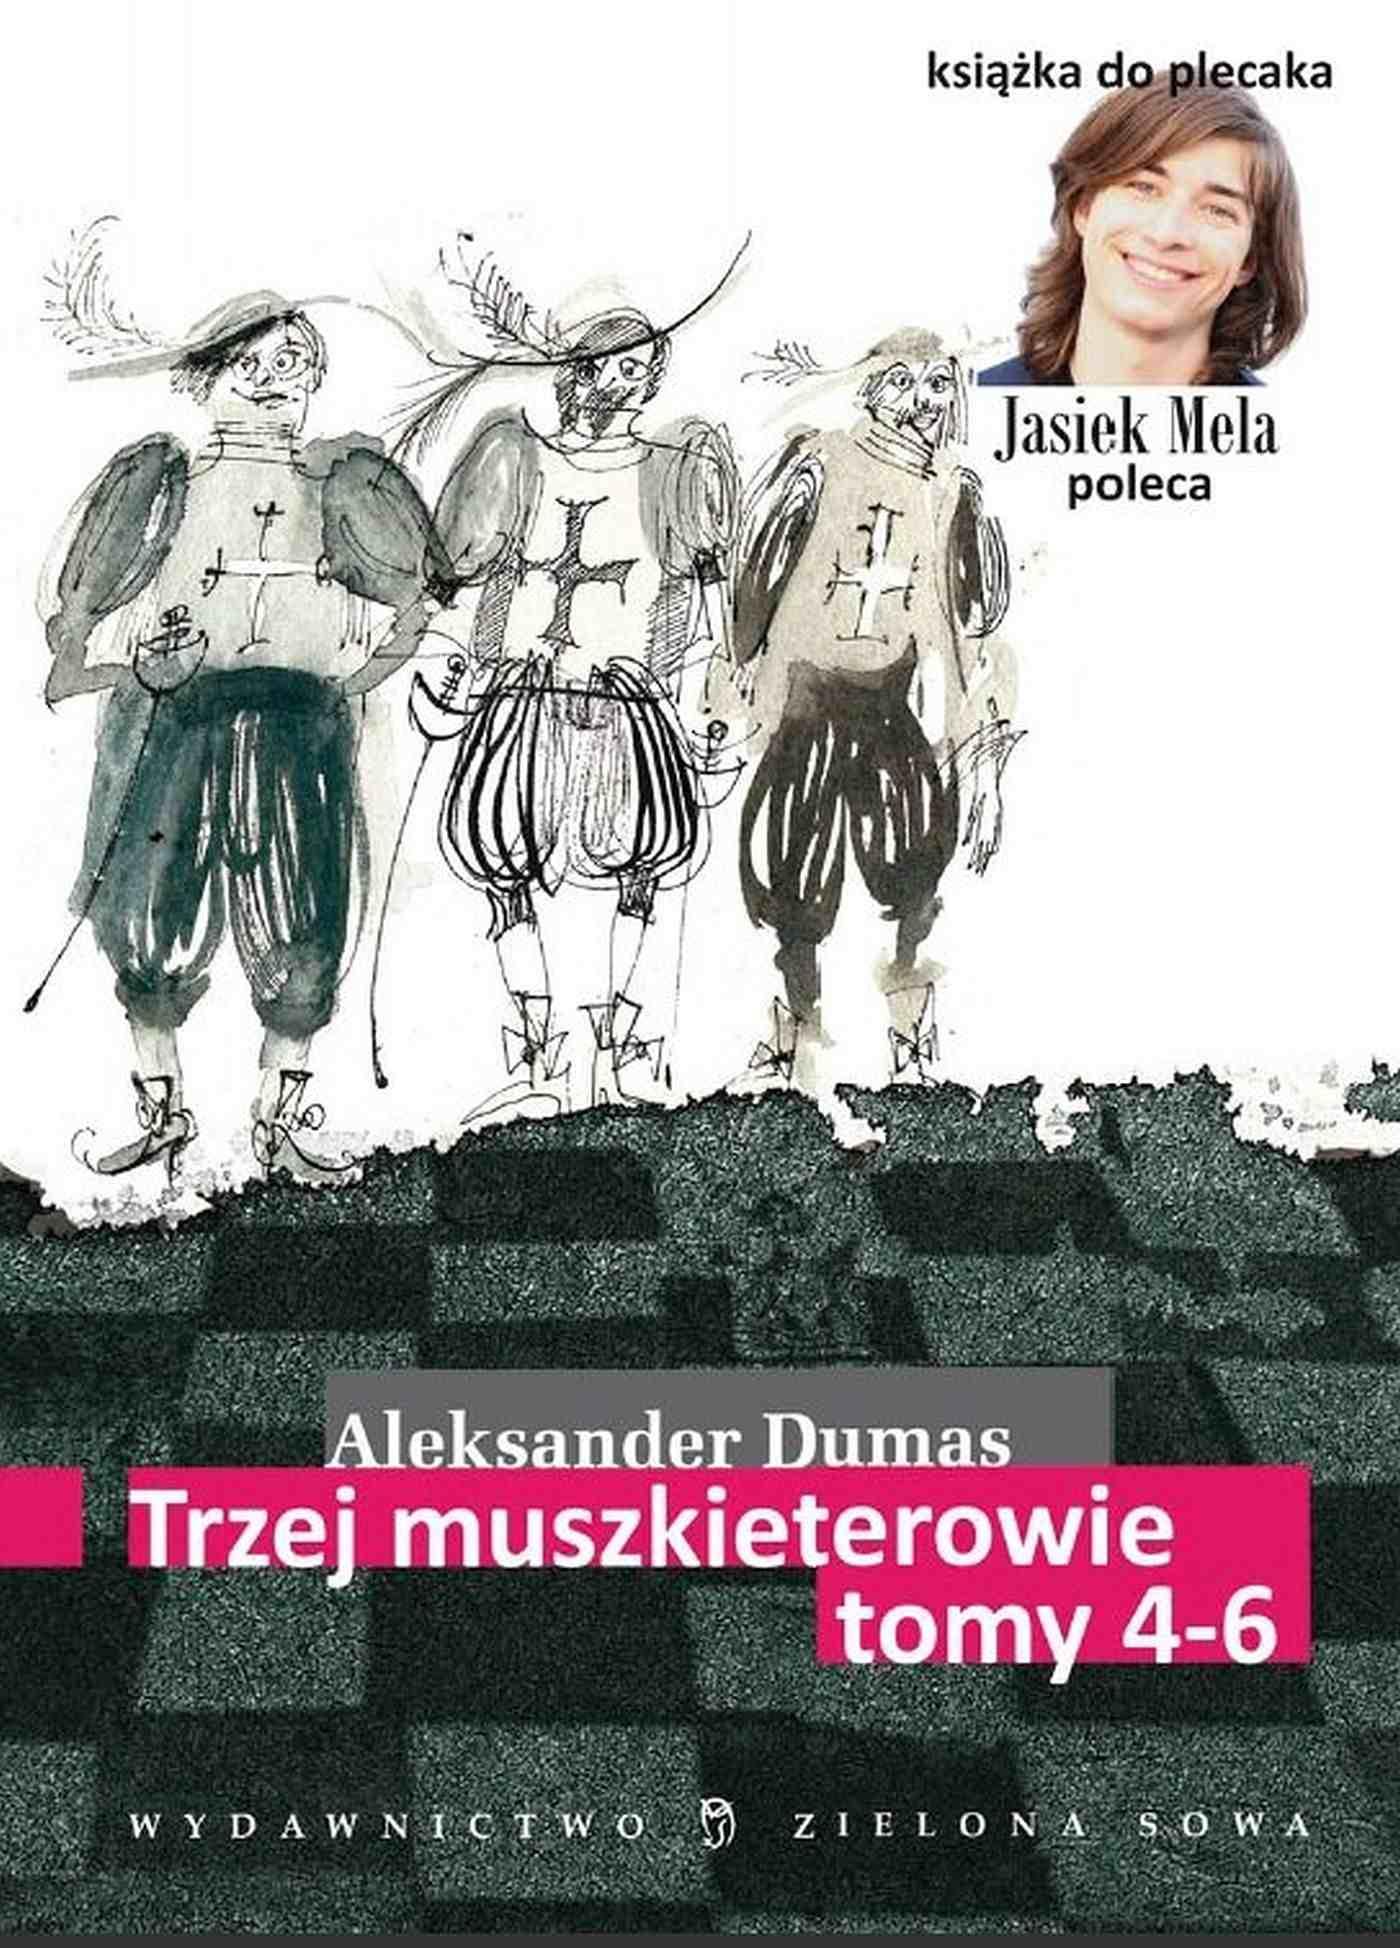 Trzej muszkieterowie. Tom IV-VI - Ebook (Książka EPUB) do pobrania w formacie EPUB